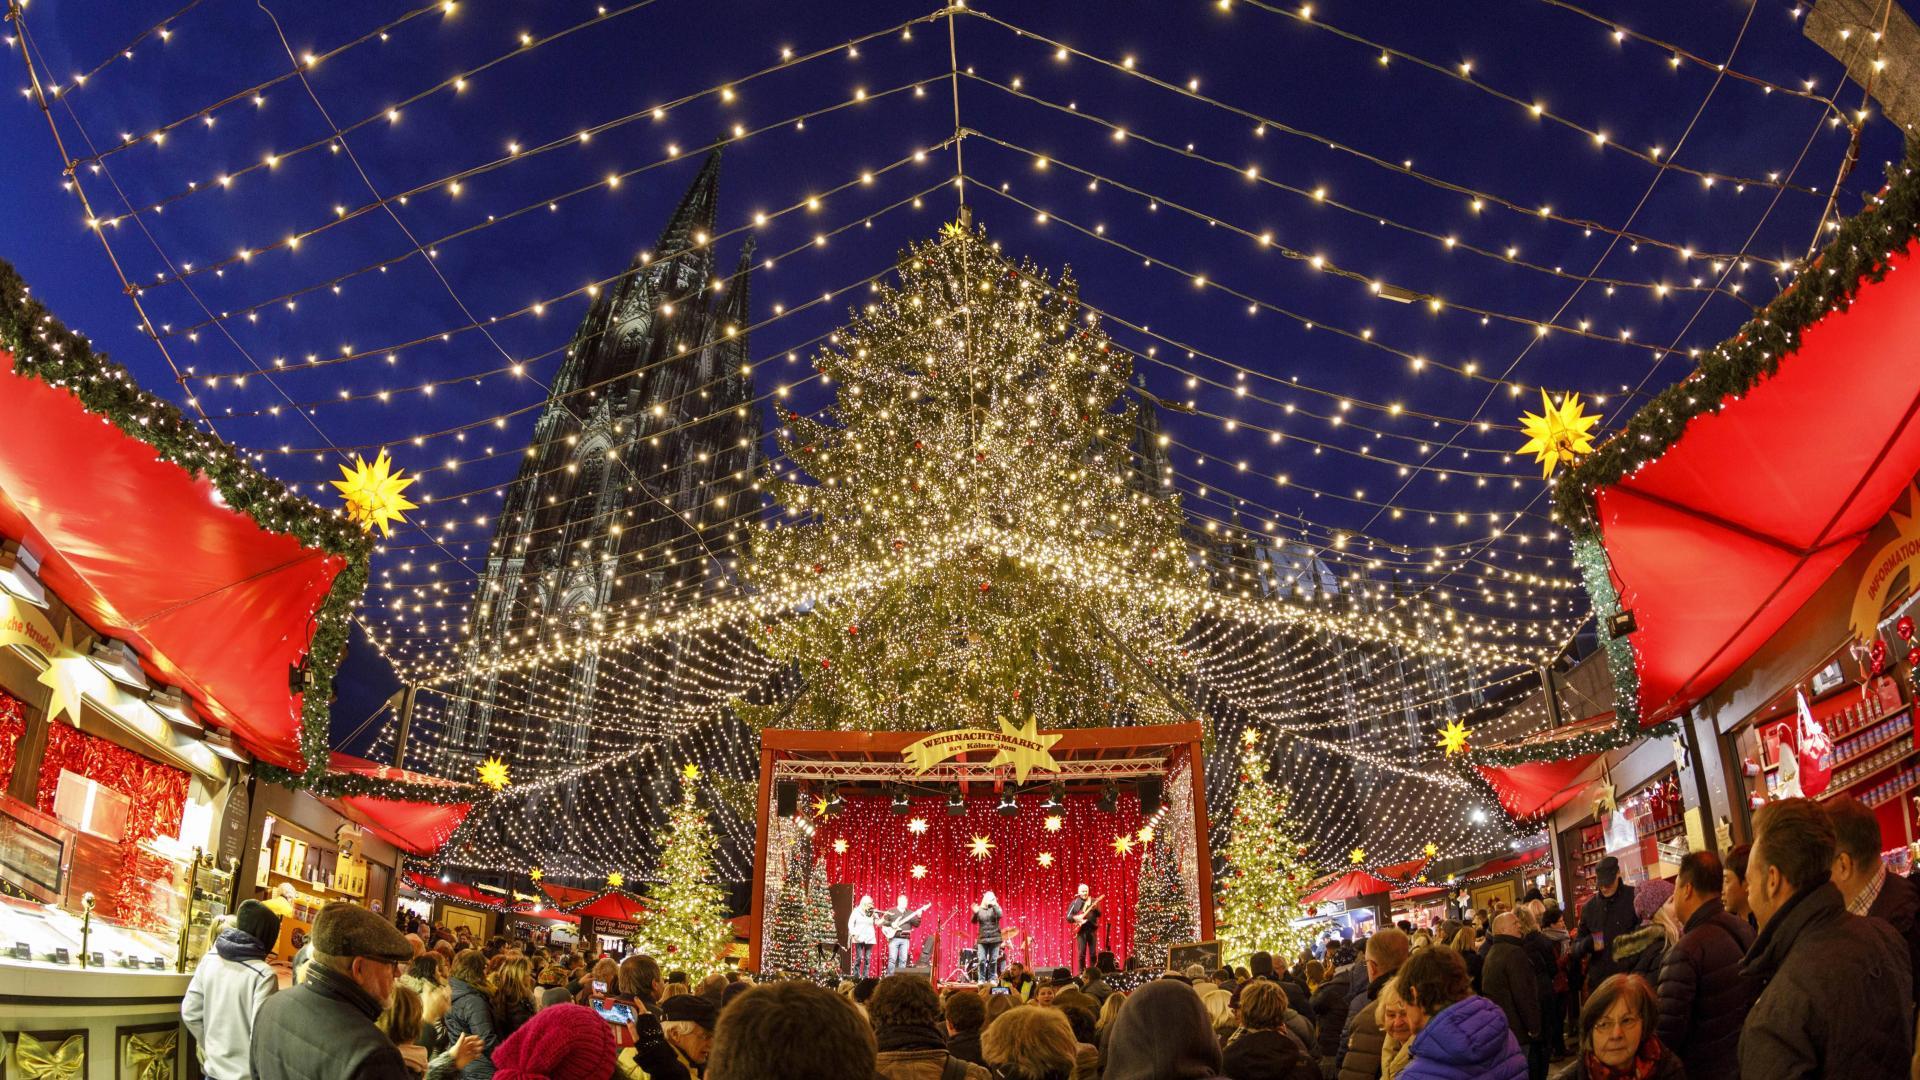 Weihnachtsmarkt In Köln 2021